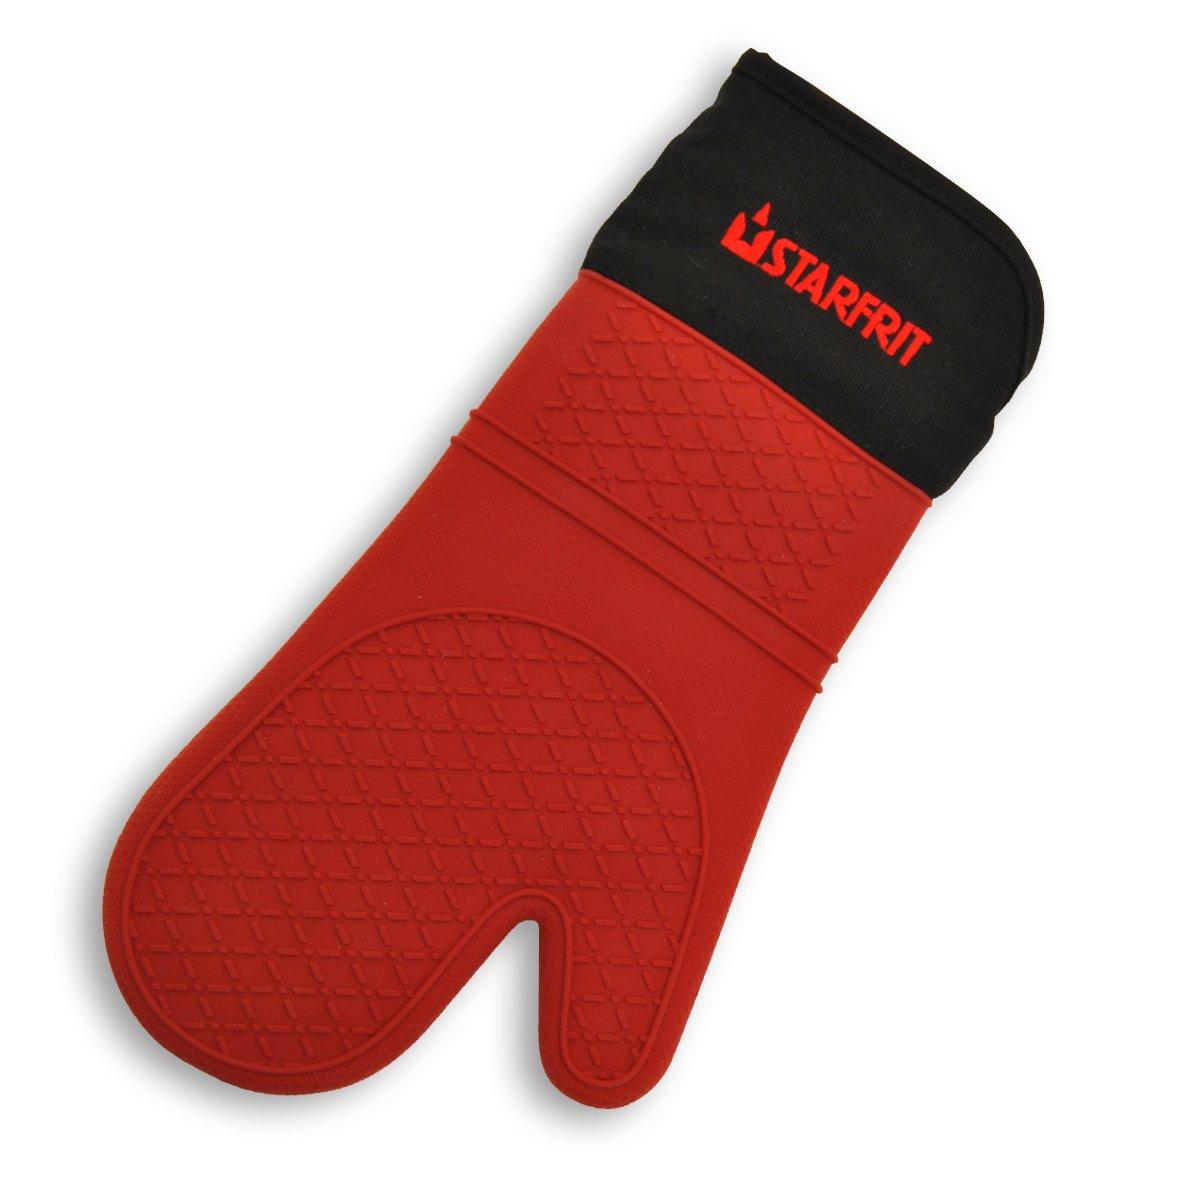 Starfrit 93470 006 0000 Silicone Gloves